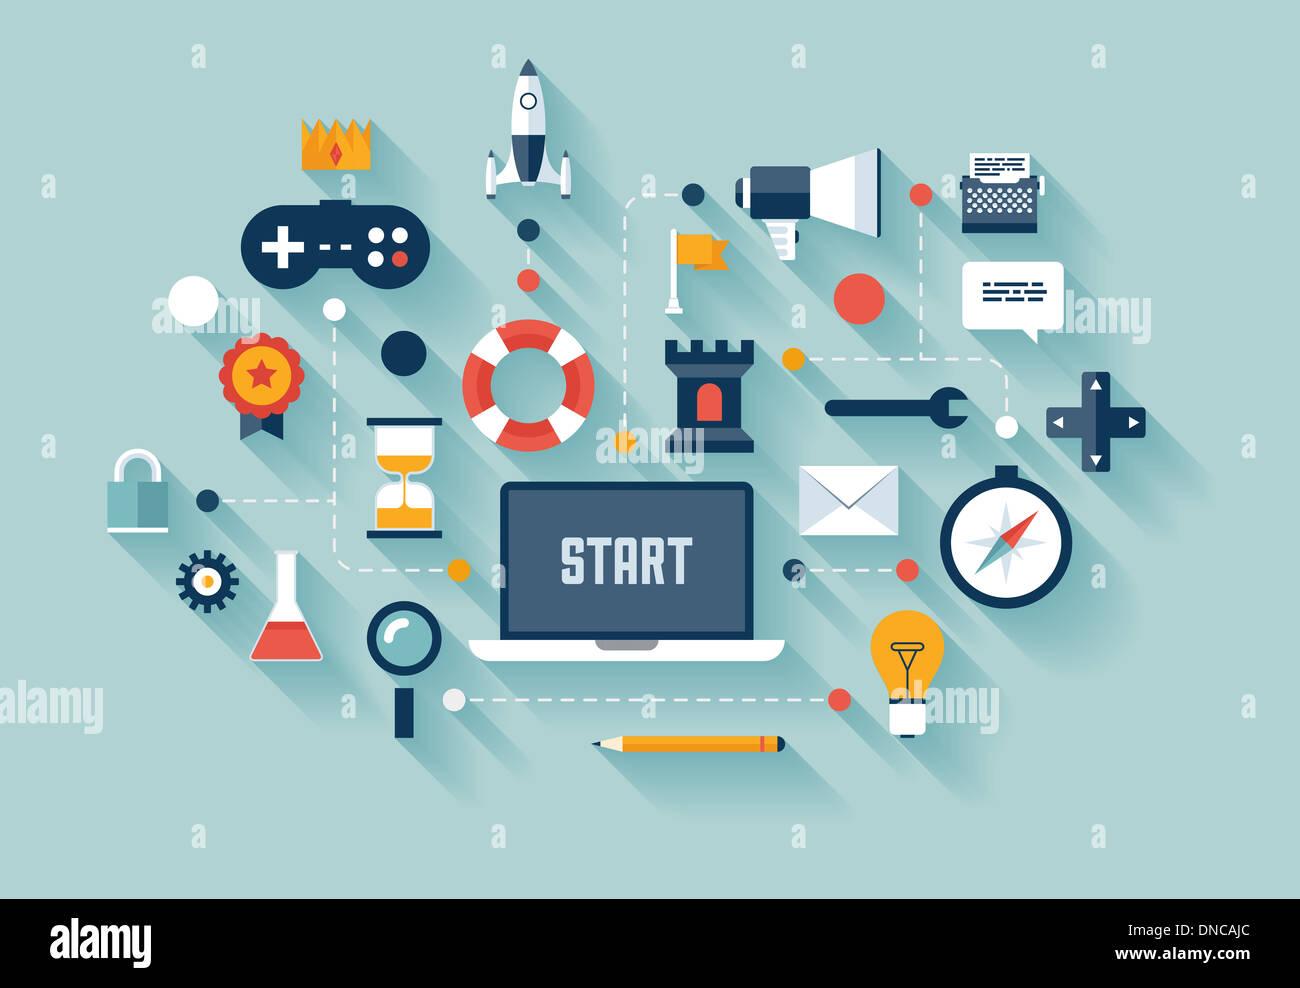 Modèle plat illustration concept de stratégie de gamification en affaires, nouvelle tendance en marketing des médias sociaux et de l'innovation la vie Photo Stock